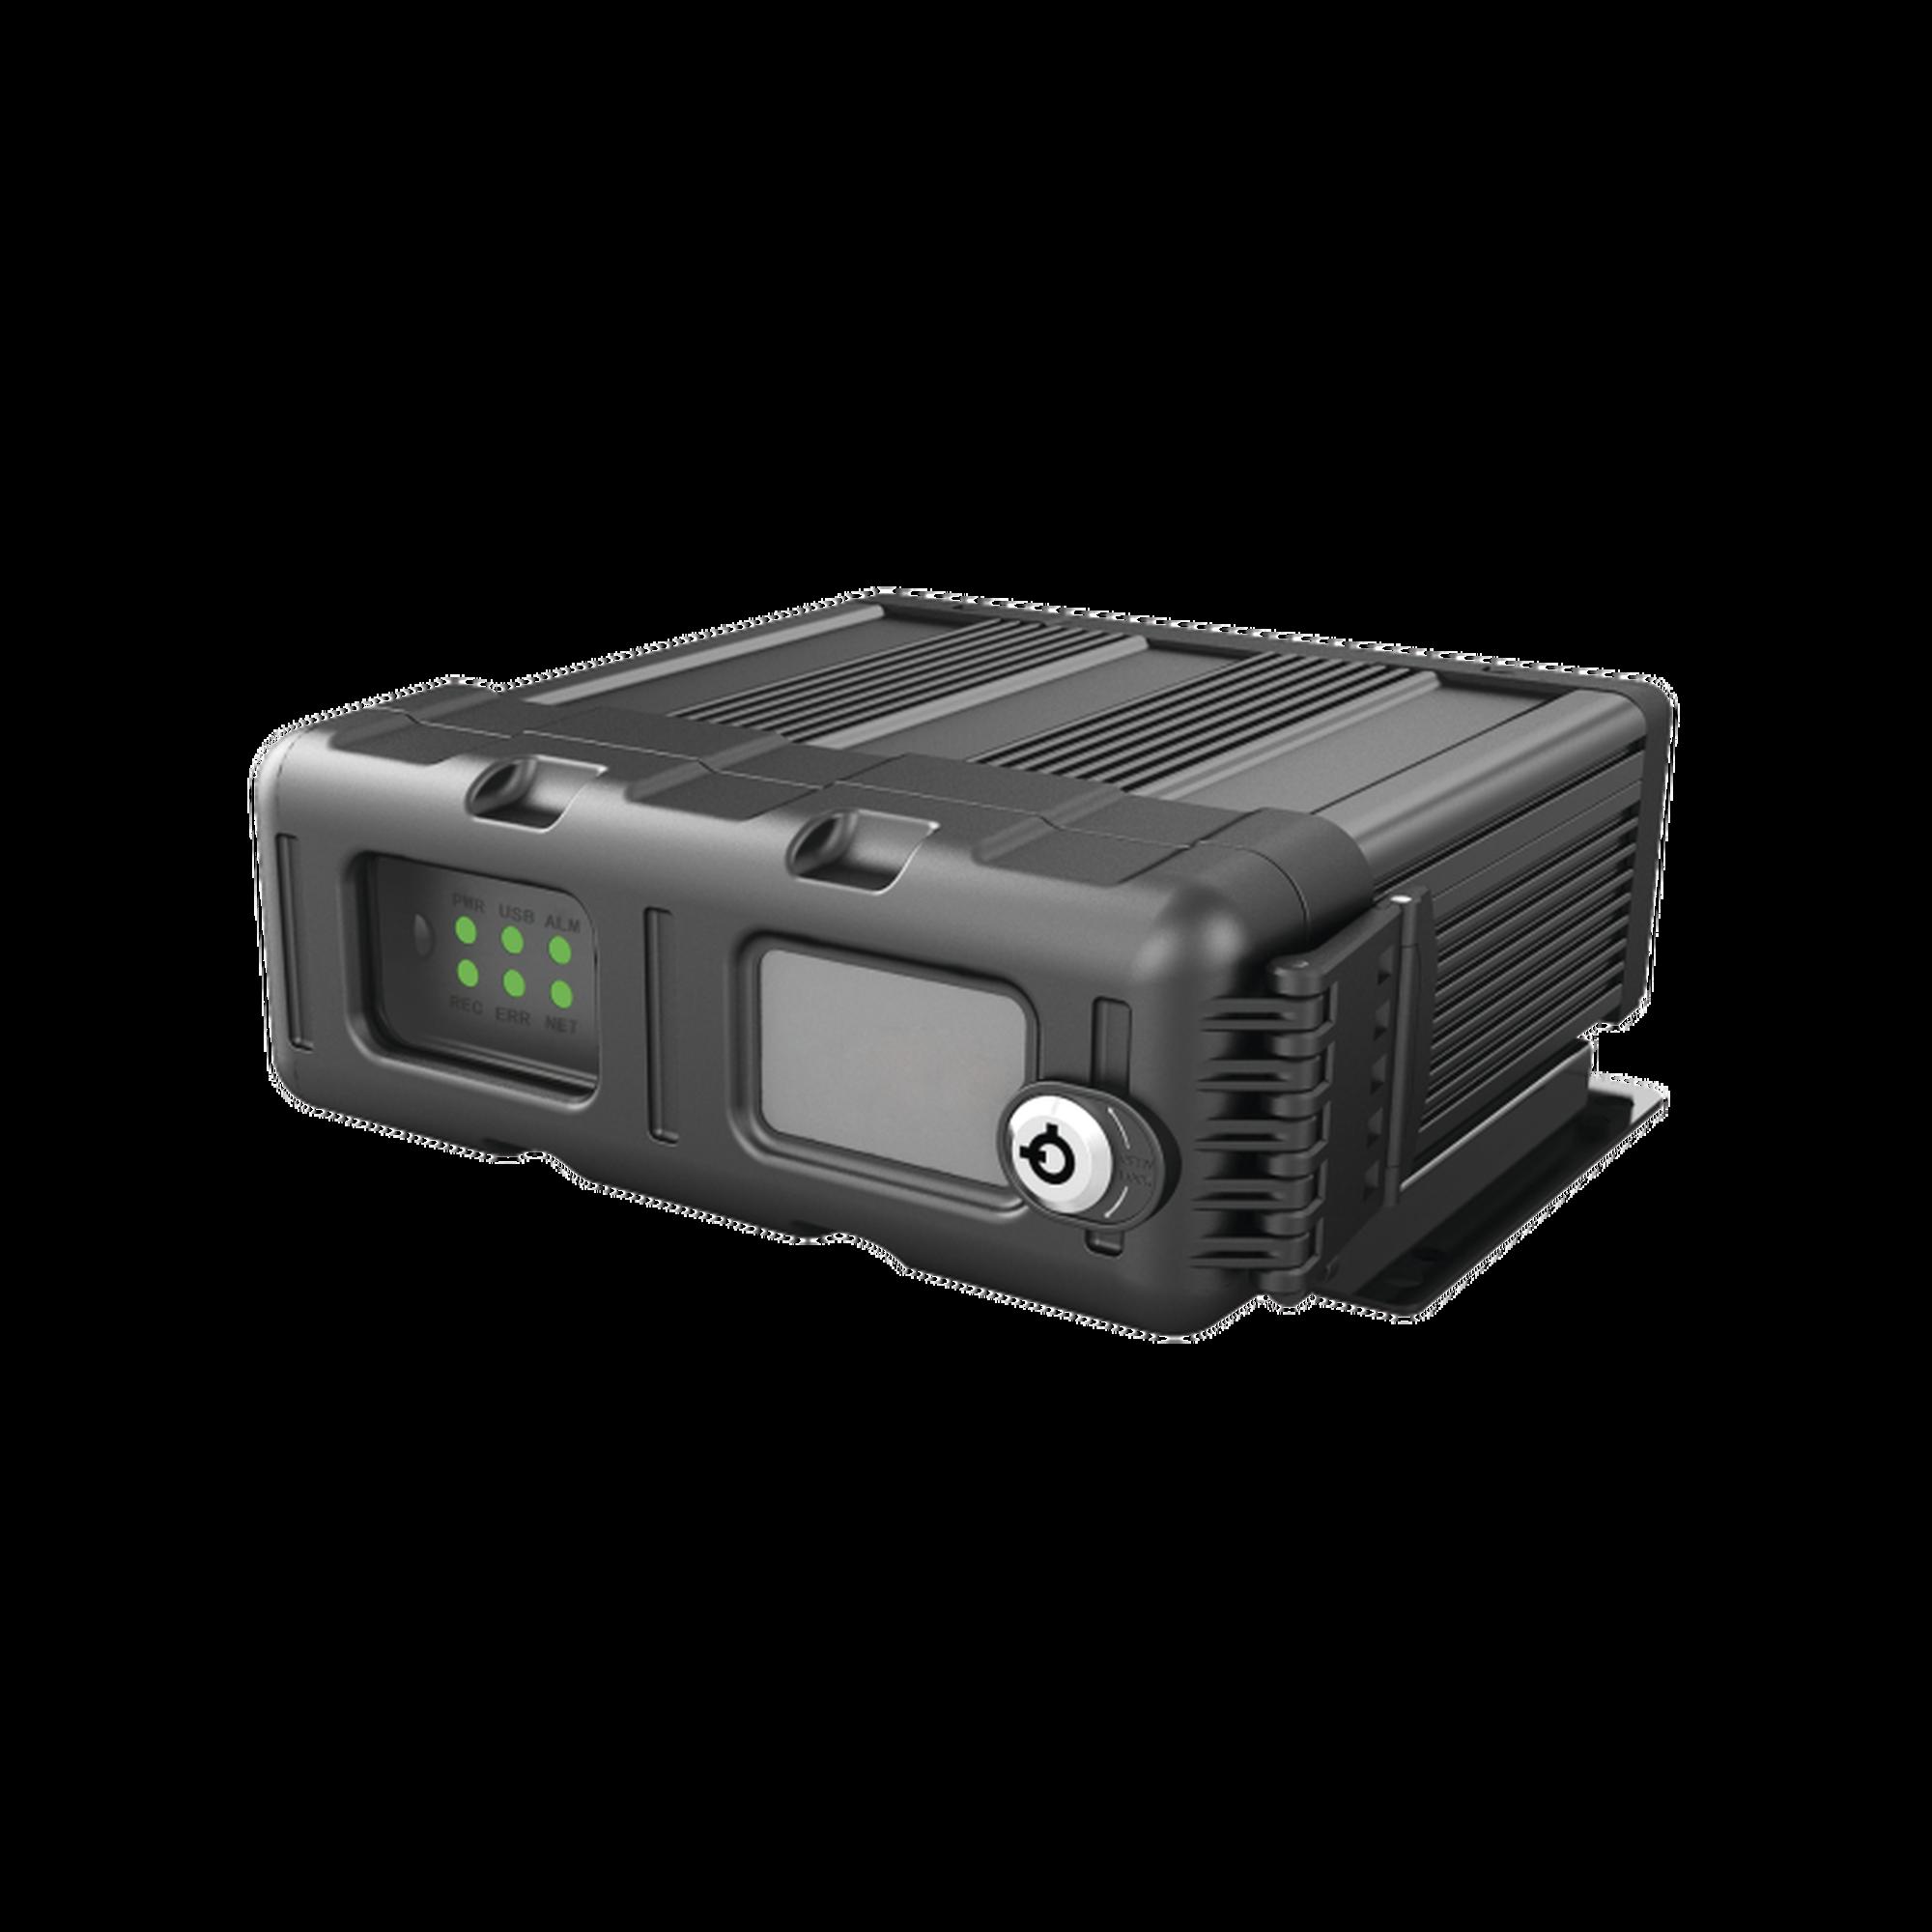 (NUBE EPCOMGPS) DVR móvil tribrido / almacenamiento en memoria  SD / soporta 4 canales AHD hasta 2MP + 1 canal IP hasta 2MP / Compresión de vídeo H.265,